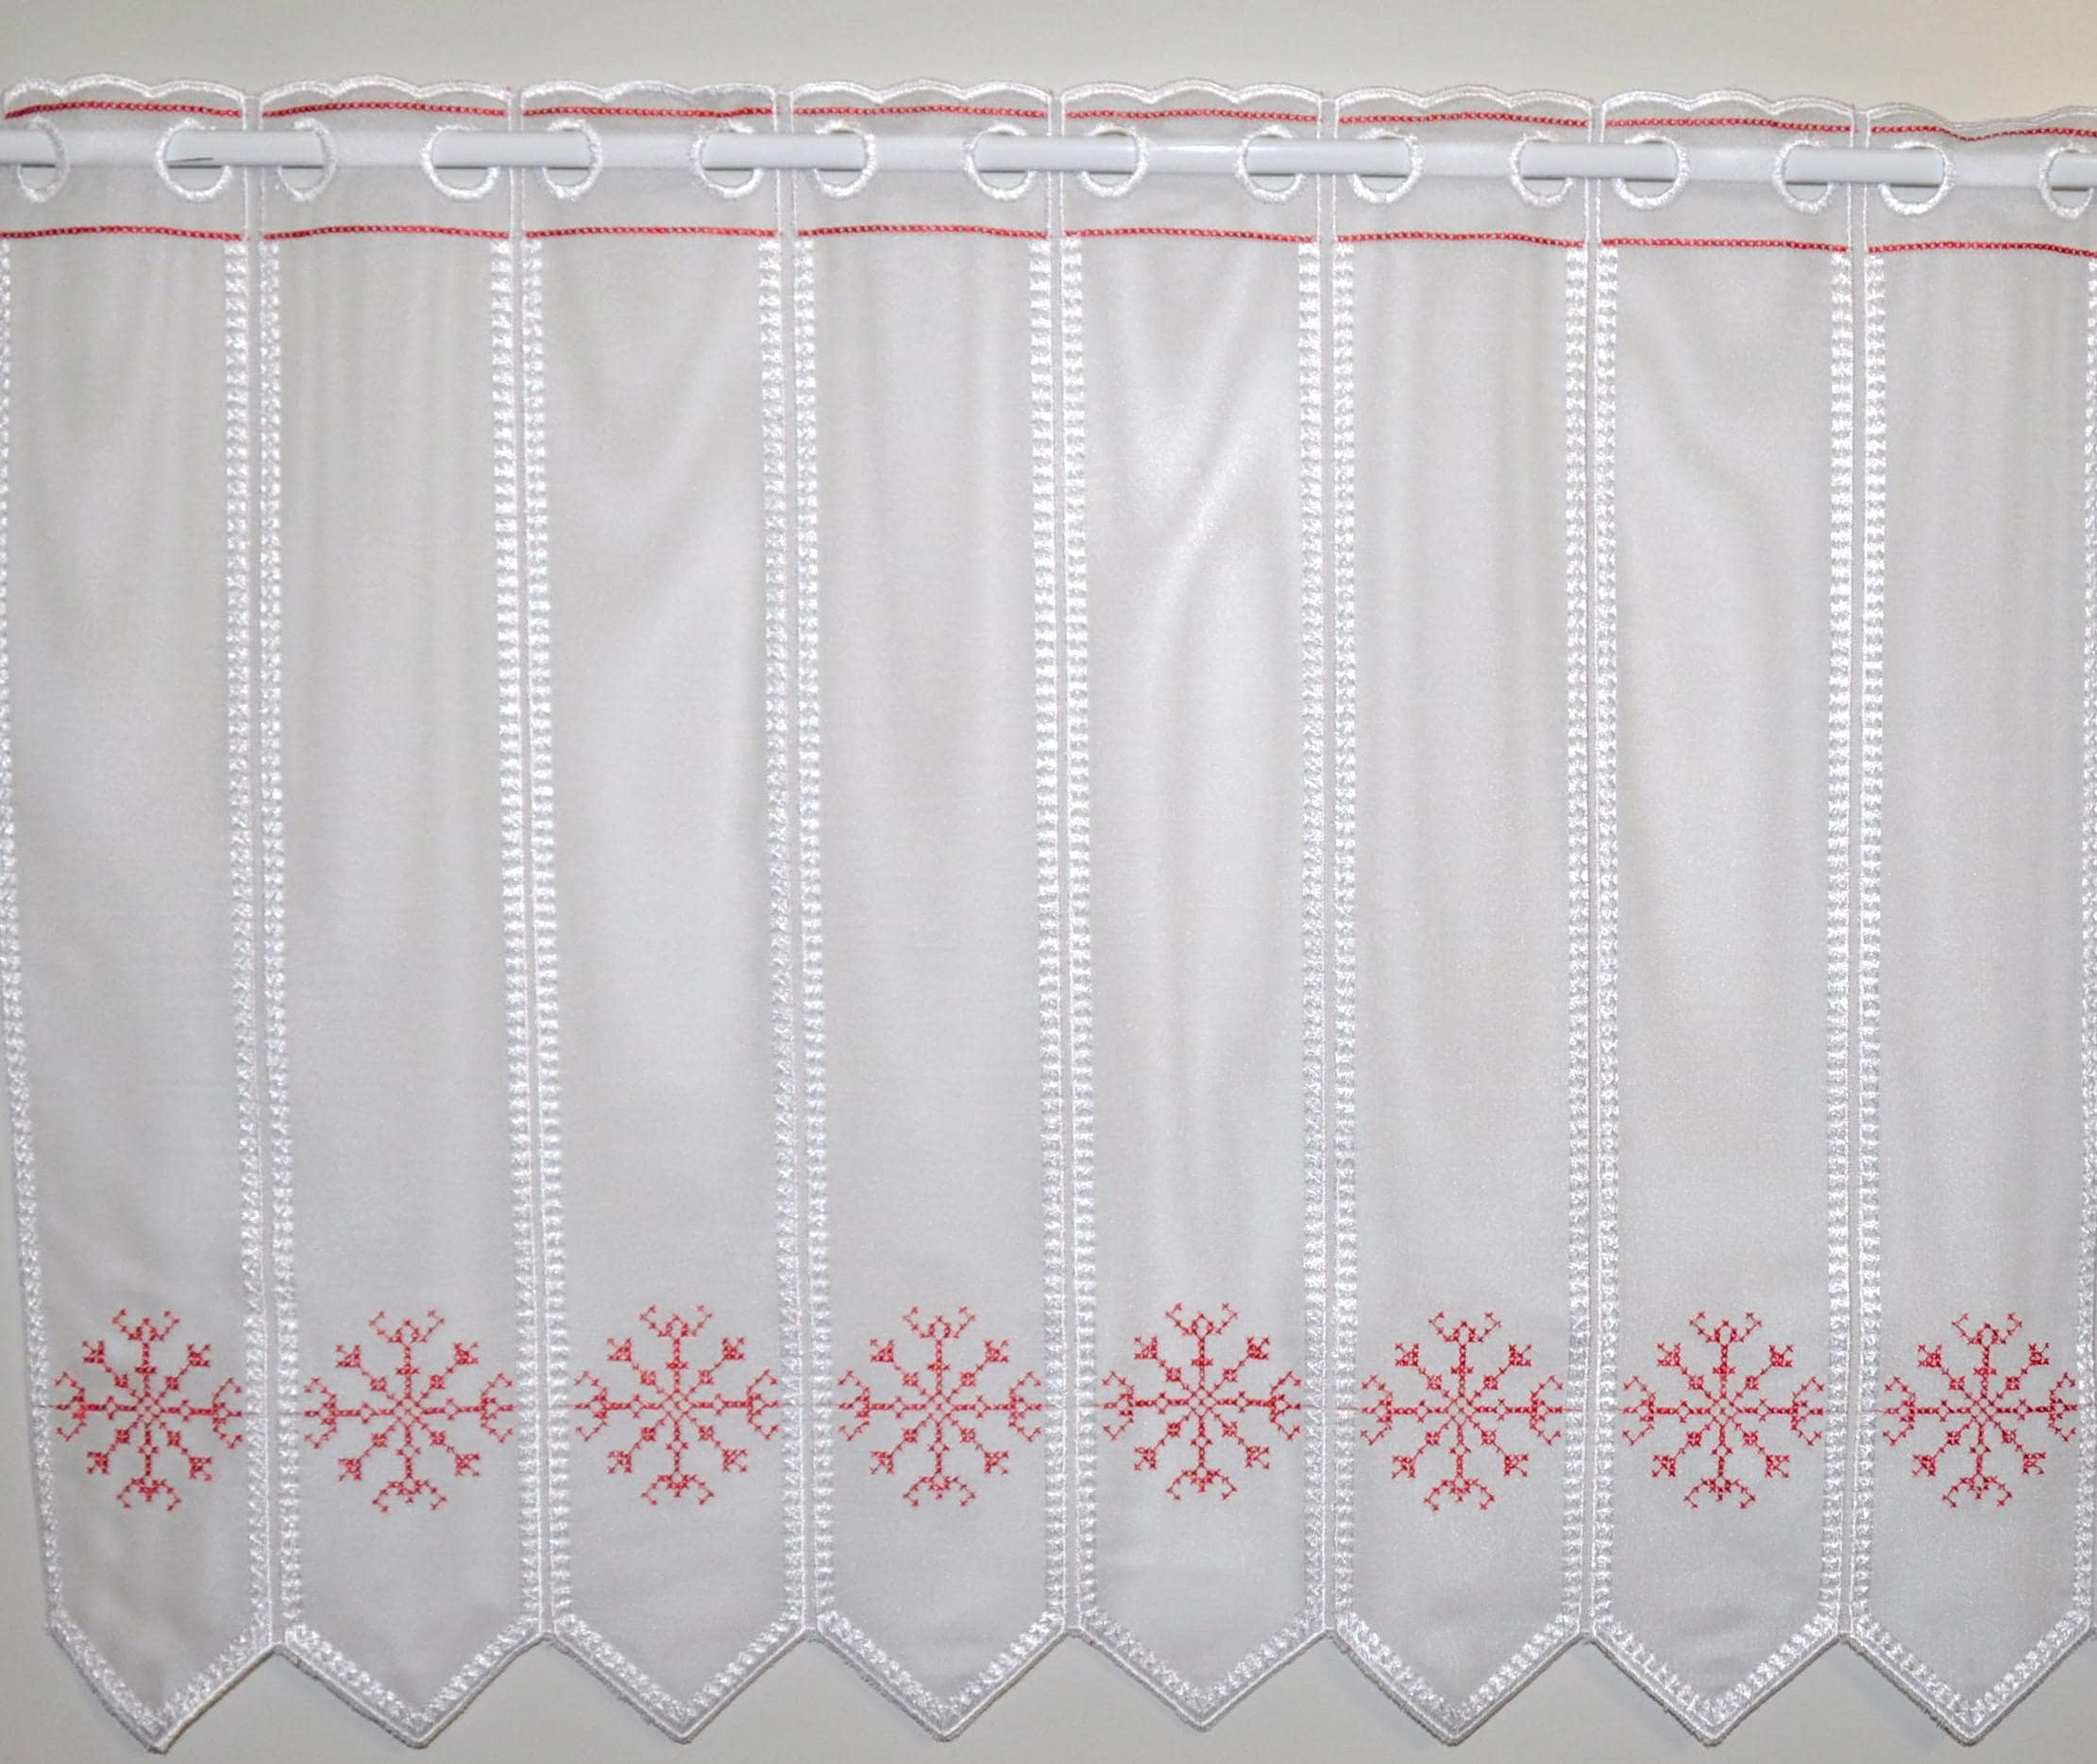 Stickereien Plauen Scheibengardine Kristall weiß Wohnzimmergardinen Gardinen nach Räumen Vorhänge